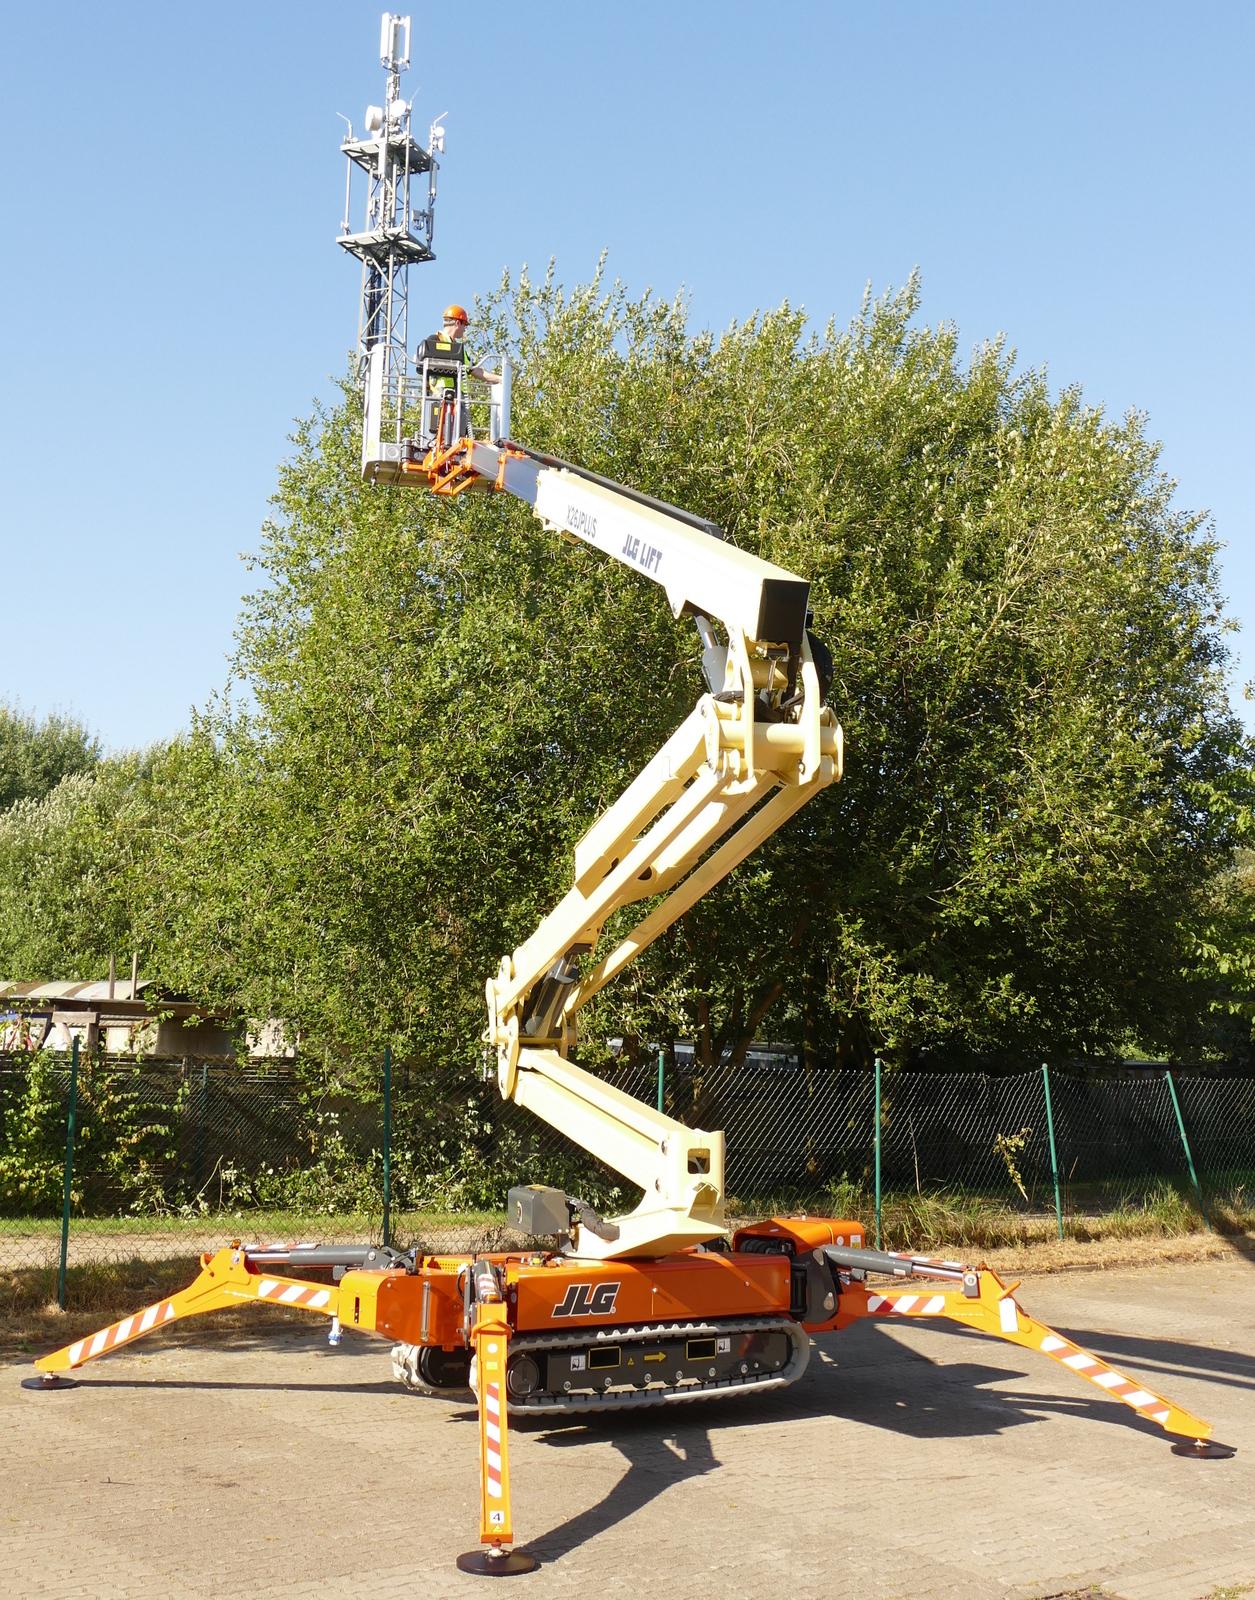 Mit der größten JLG Raupenarbeitsbühne kann man in knapp 26 m Höhe arbeiten und 13,75 m weit reichen, inklusive 230 kg Personen, Material und Werkzeug im Korb.